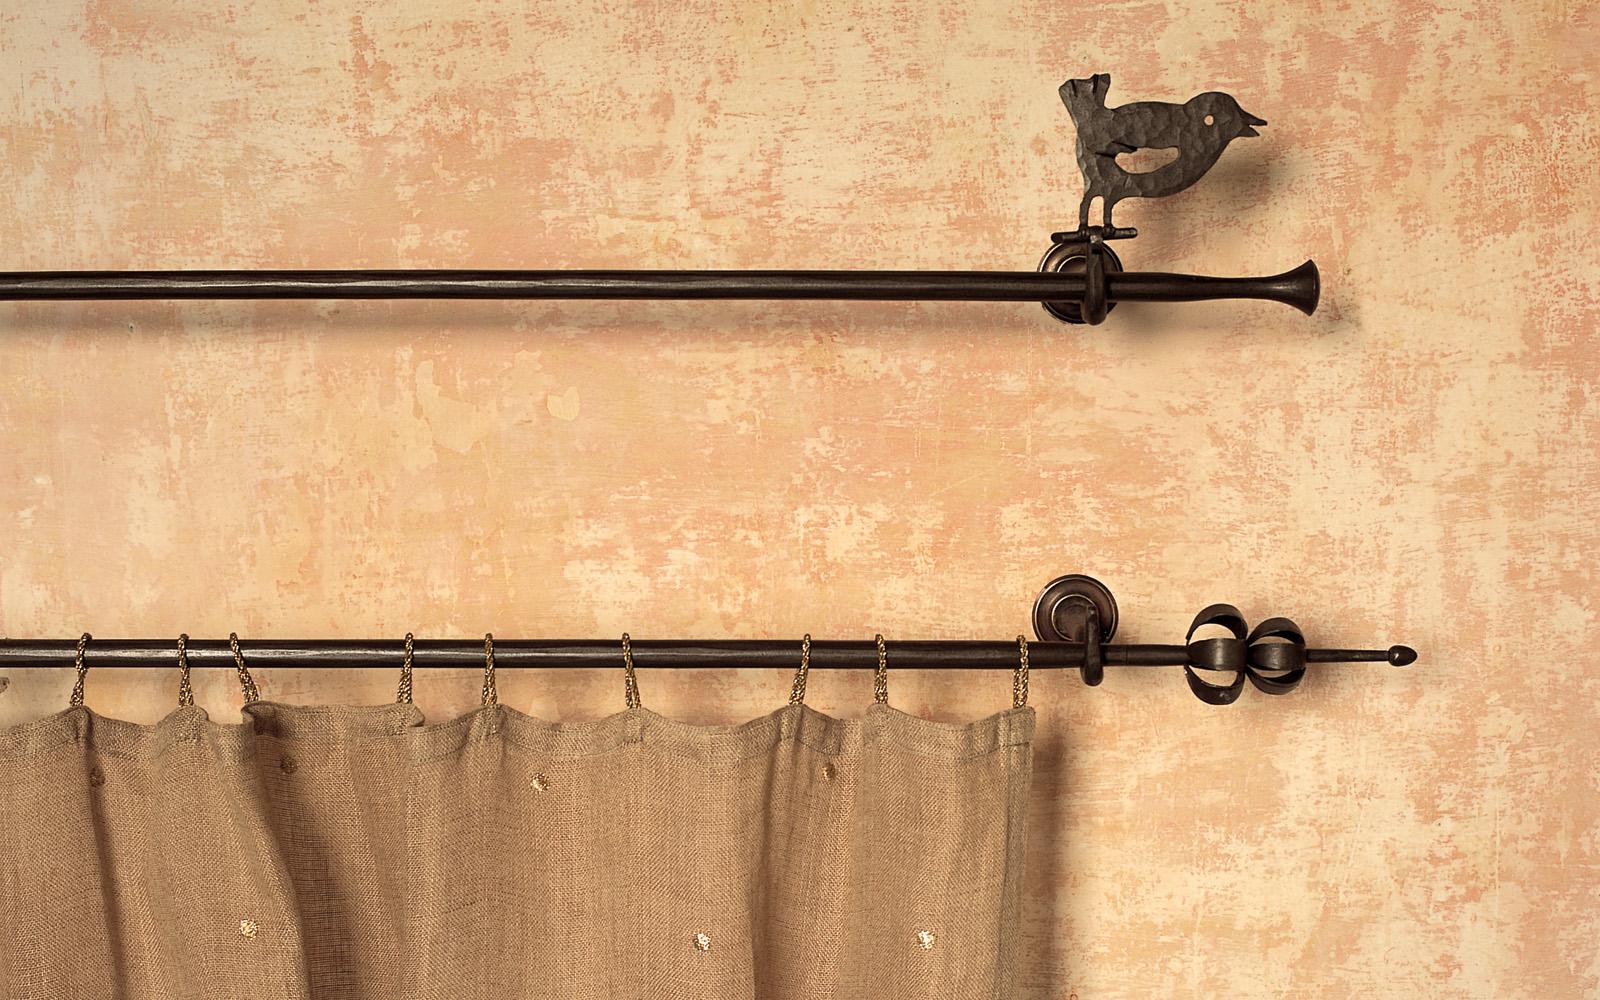 Aste da tenda in ferro letti in ferro battuto caporali il ferro soffiato produzione letti - Aste per tende finestre ...